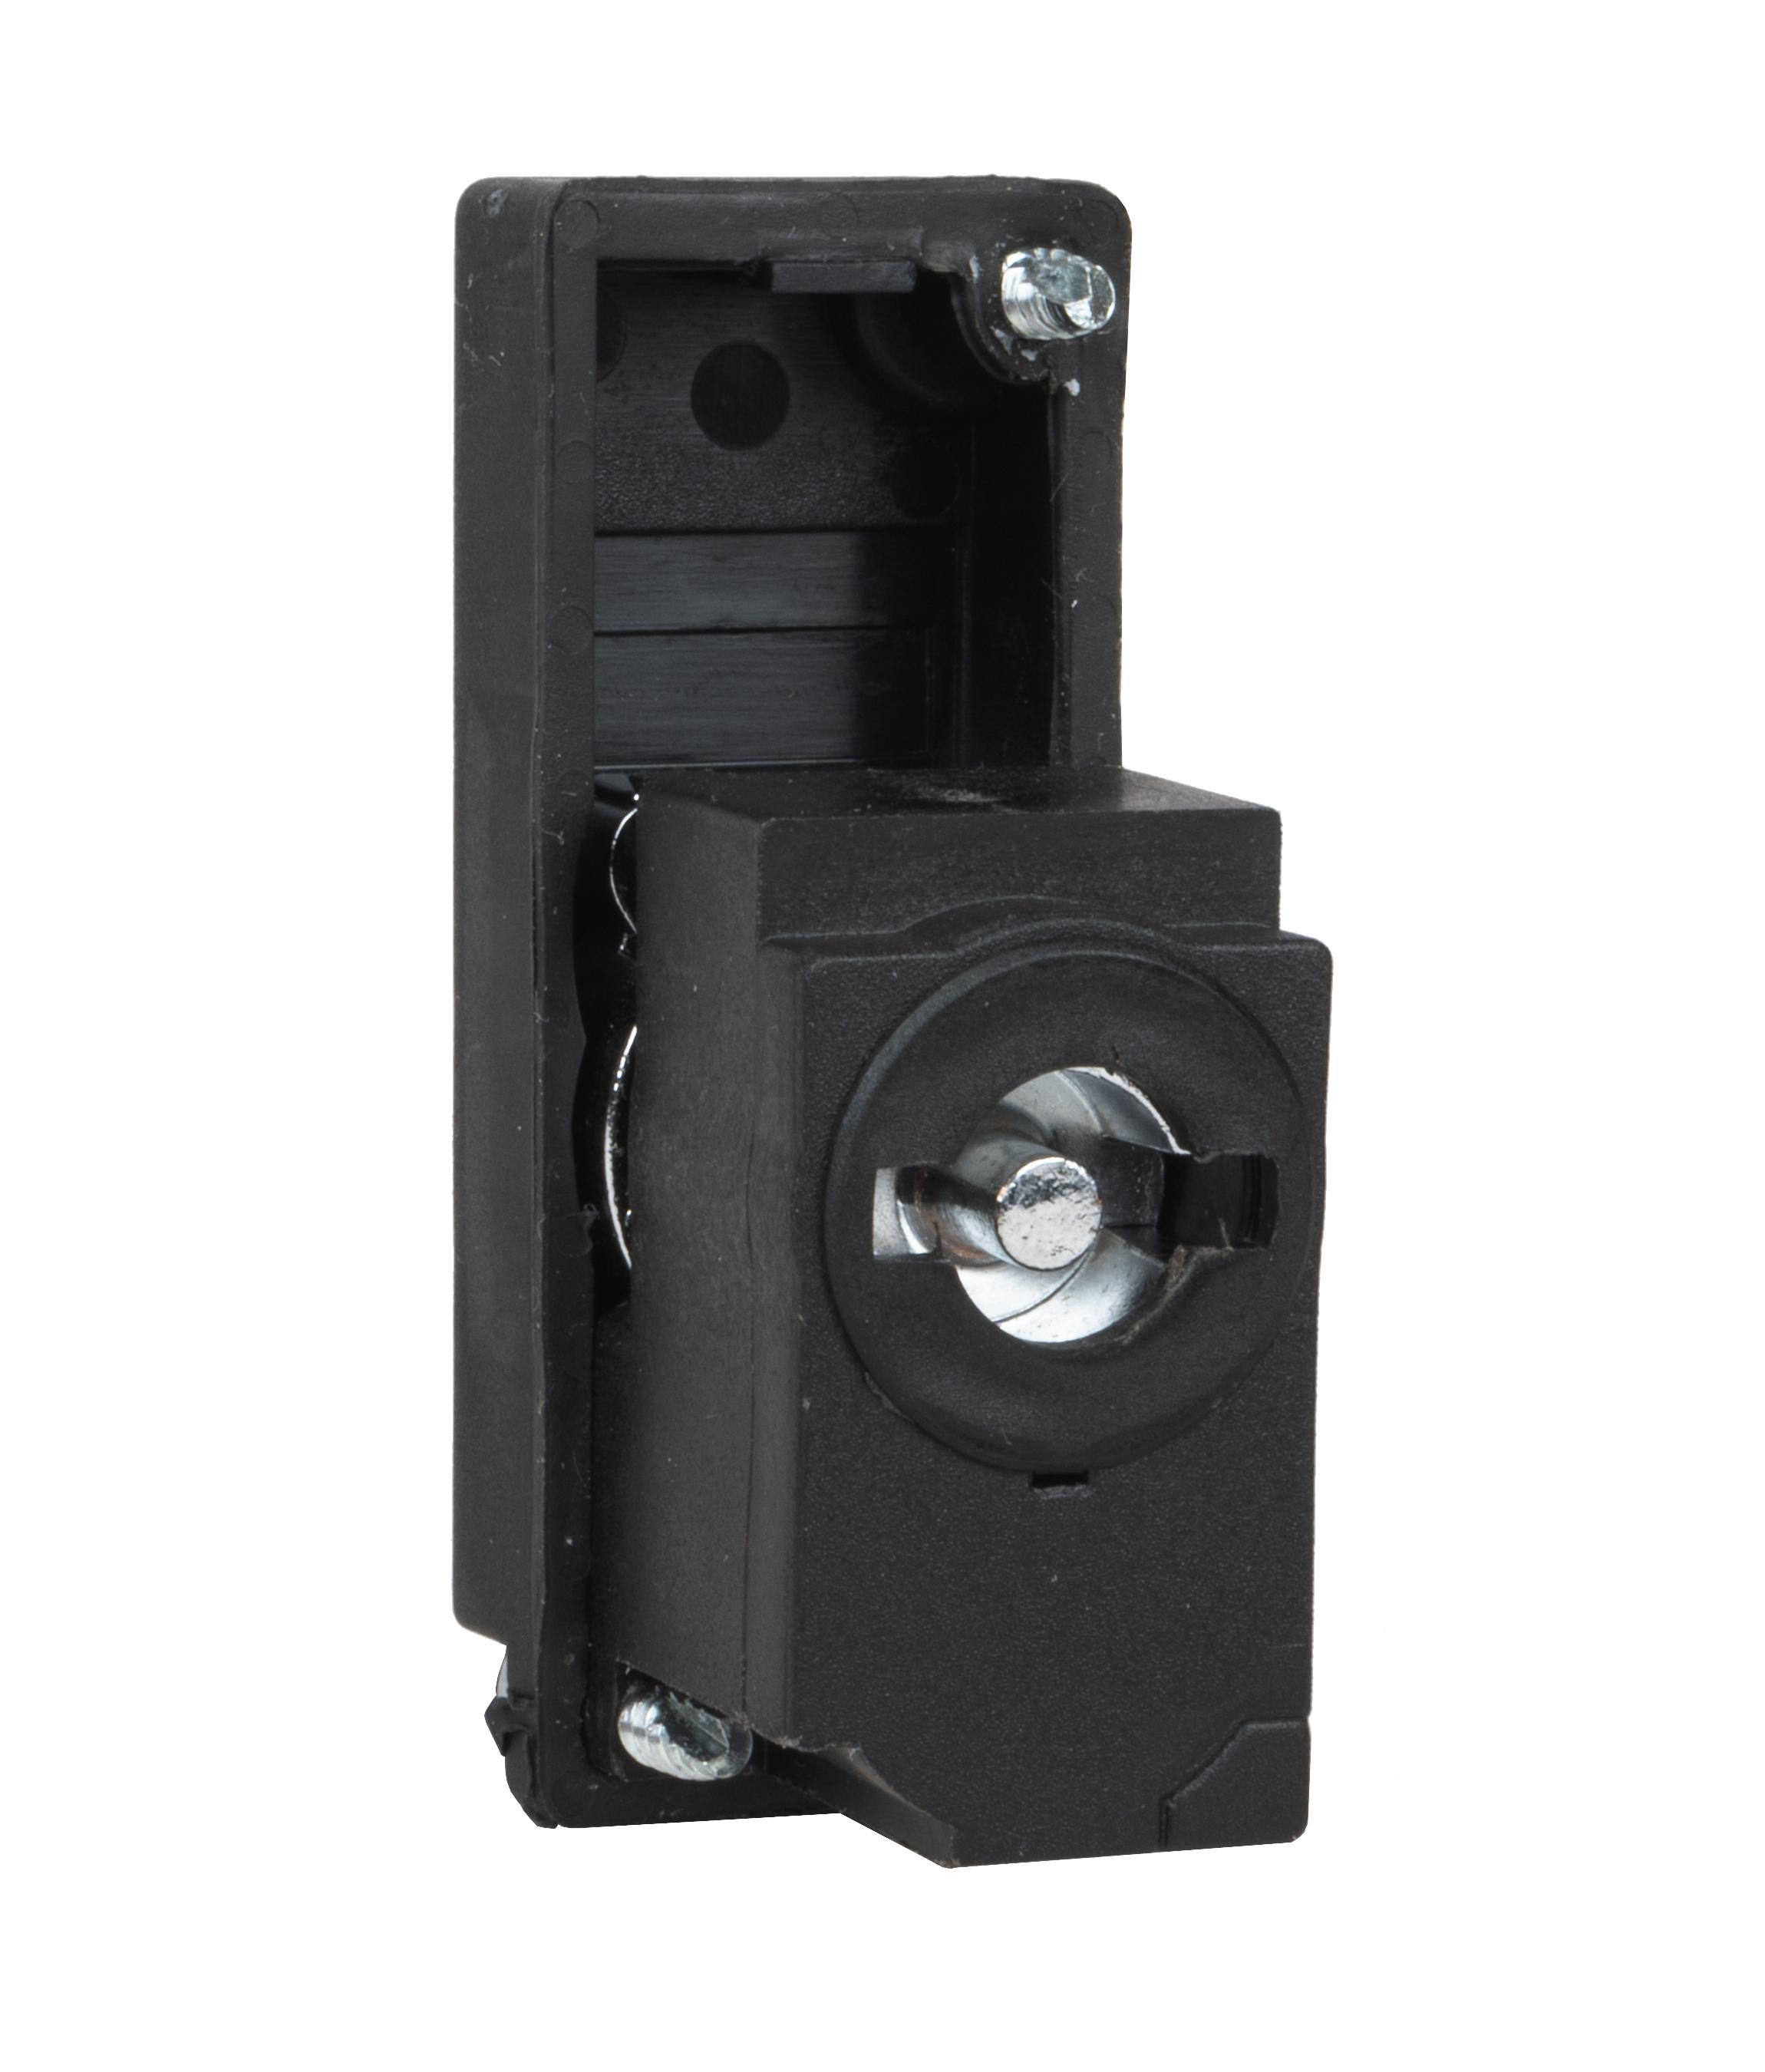 1 Stk Einsatz 5mm Doppelbart für Kipphebel ACLSSI529-